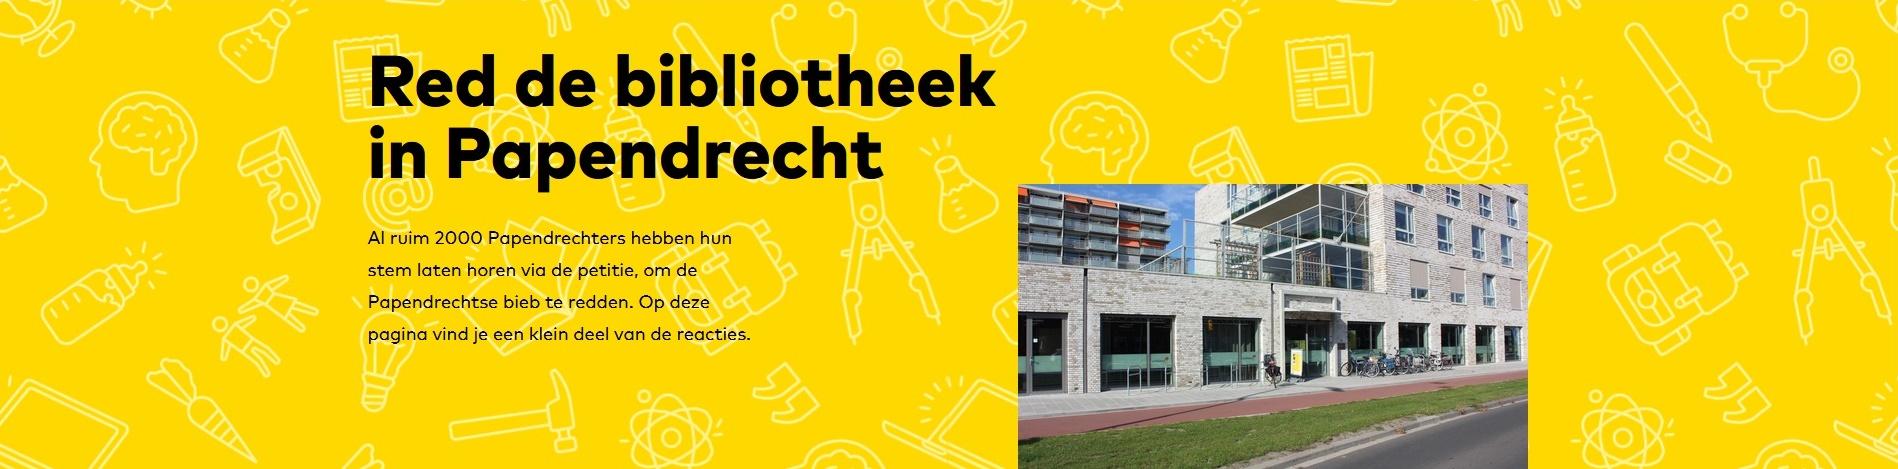 Red de bibliotheek in Papendrecht